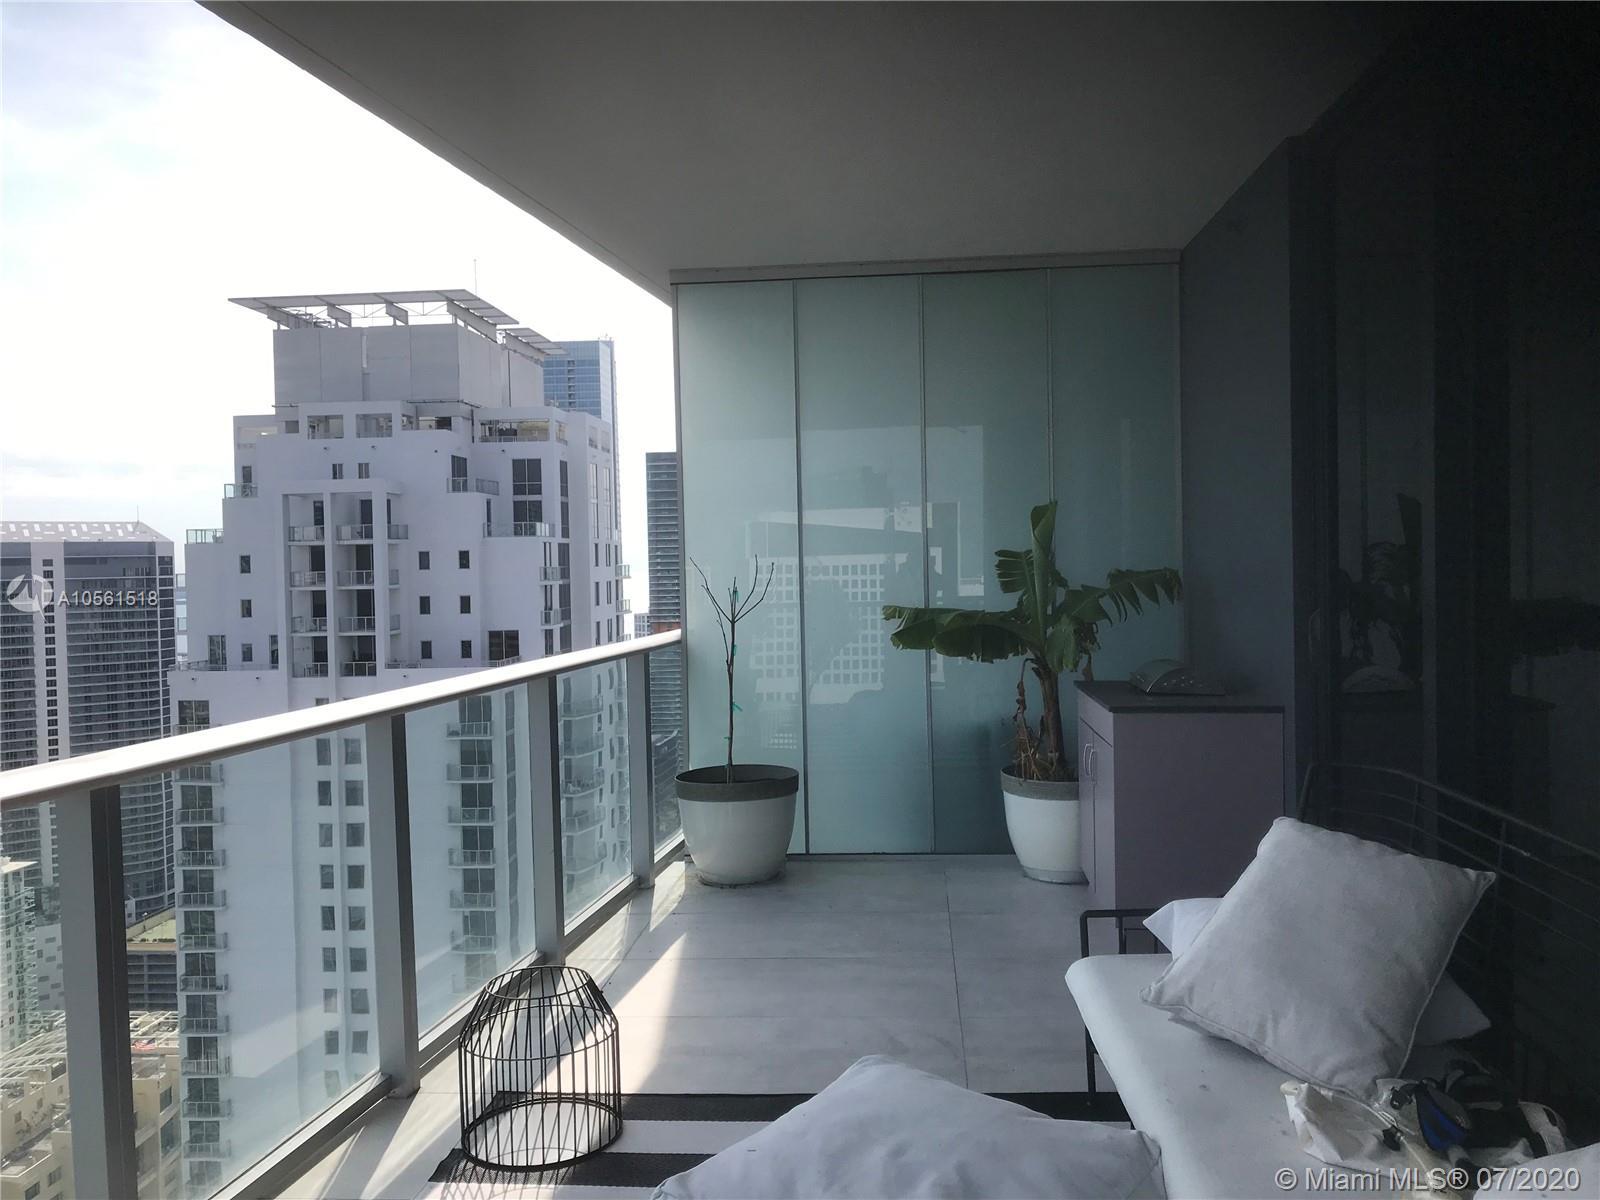 1010 Brickell Avenue, Miami, FL 33131, 1010 Brickell #4601, Brickell, Miami A10561518 image #7